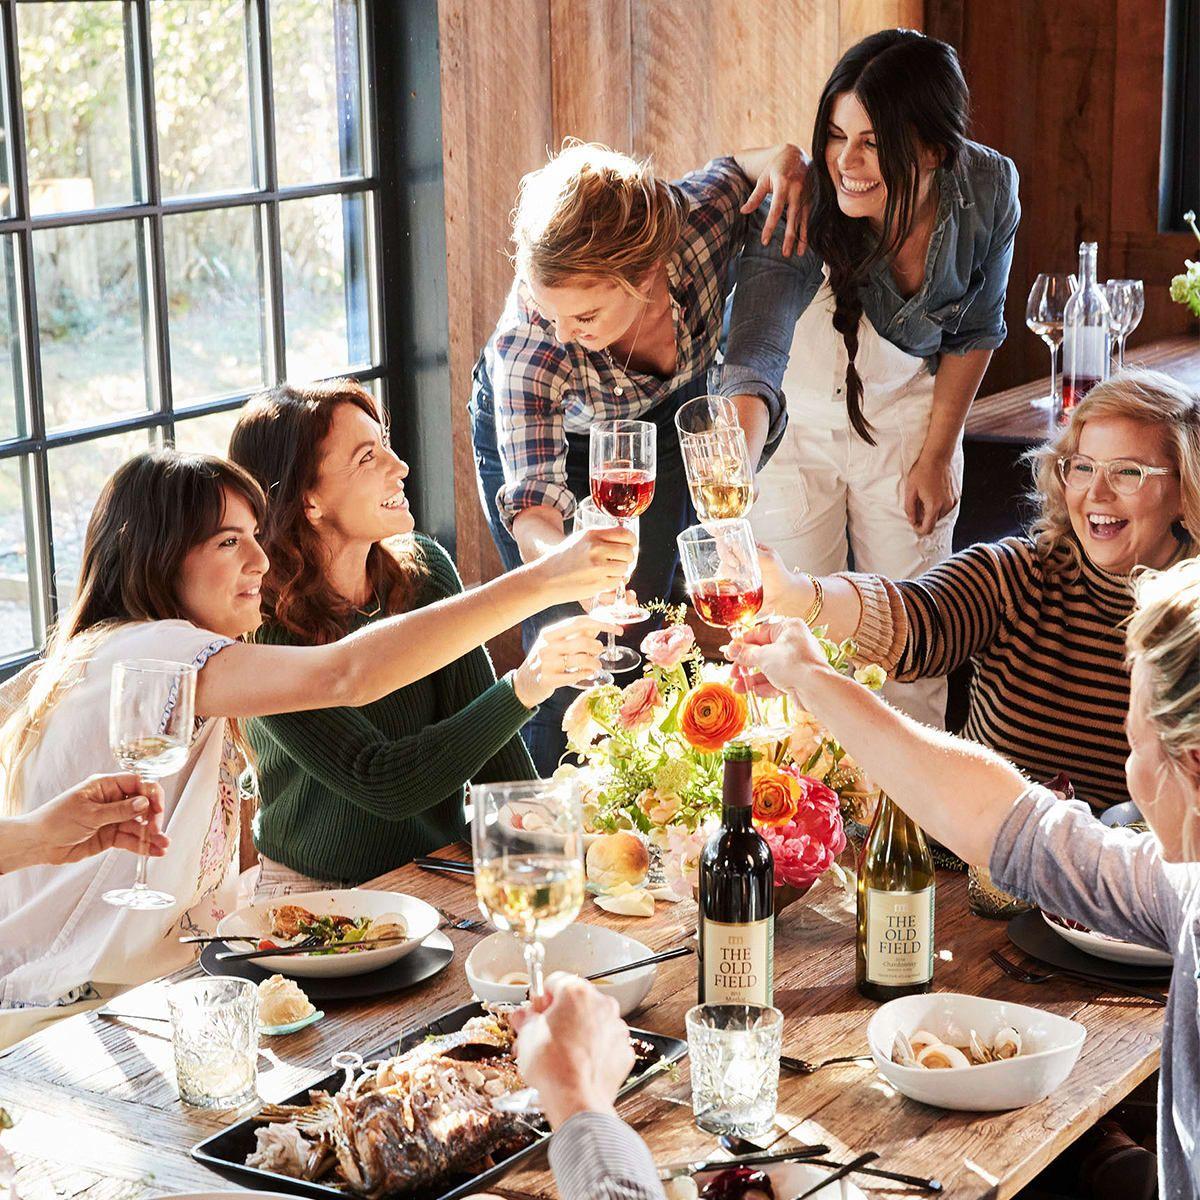 рабочее, блюда для вечеринки с подругами фото нашей статьи узнаете